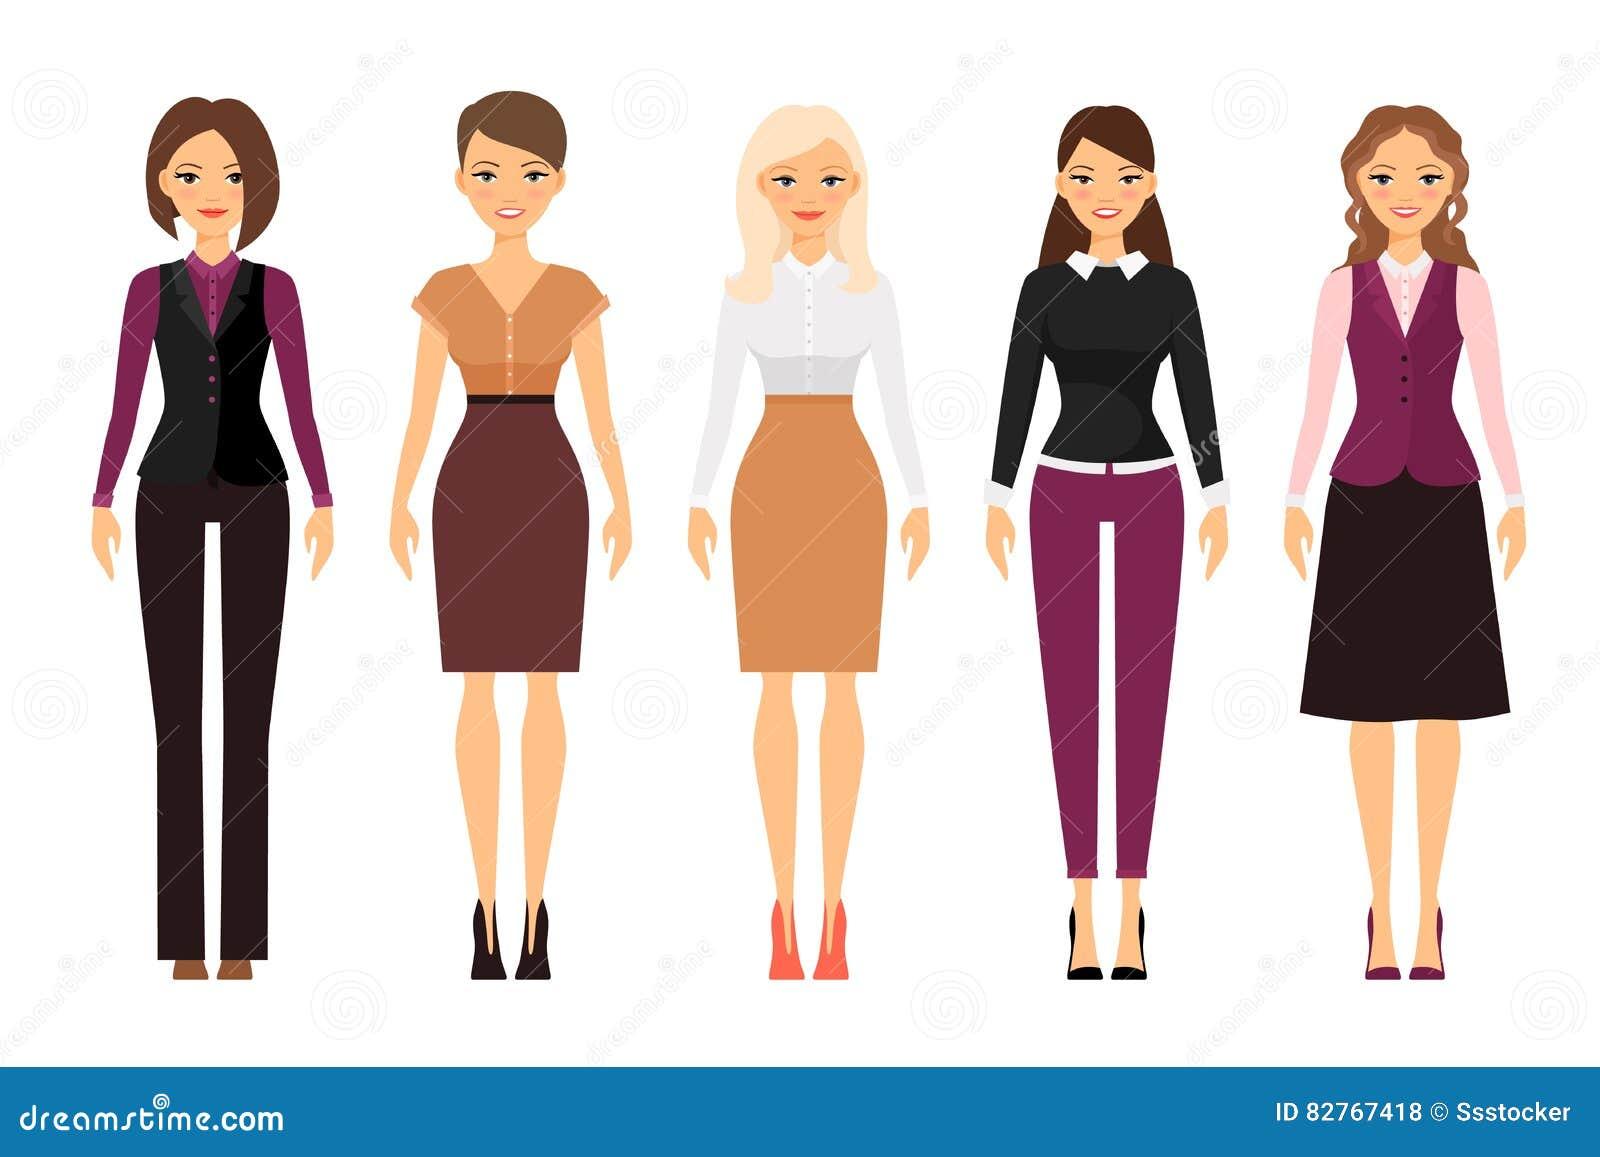 Mujeres en ropa del c digo de vestimenta de la oficina for Codigo de oficina